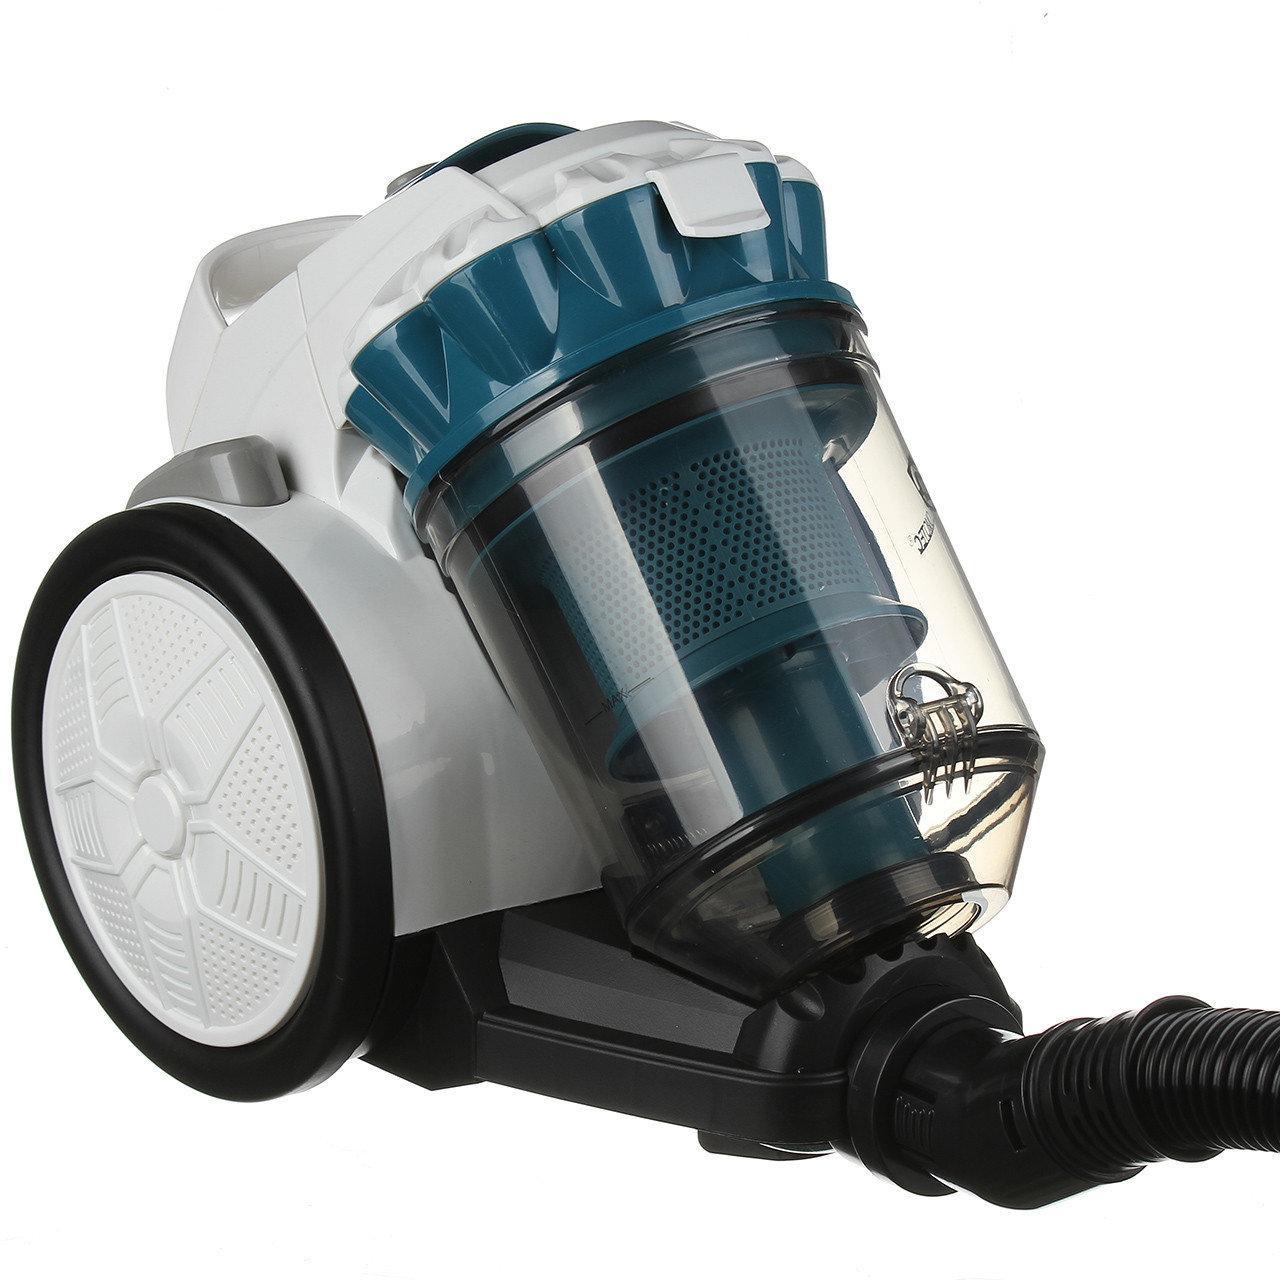 Пилосос без мішка Domotec MS-4410 3000 Ватт пластикова щітка для підлоги індикатор наповнення контейнера